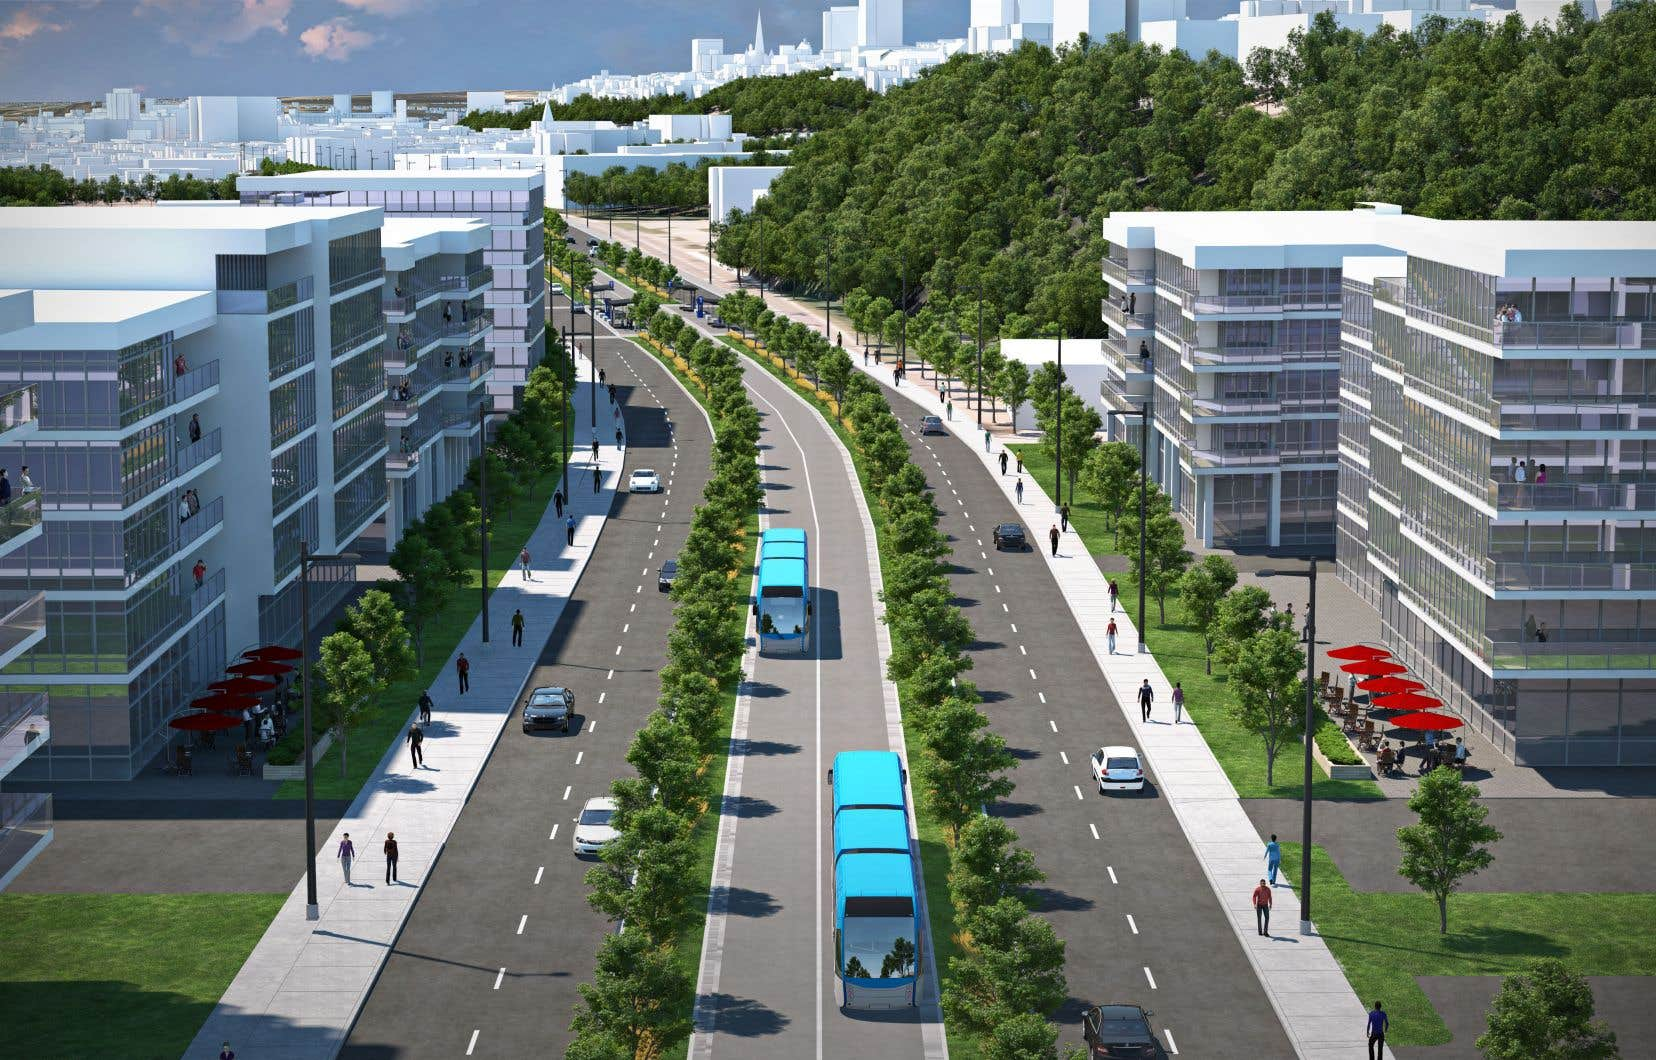 «Si on veut d'abord réduire le nombre d'automobiles privées, d'autres options plus efficaces [qu'un tramway] existent, et elles coûtent moins cher», selon l'auteur.